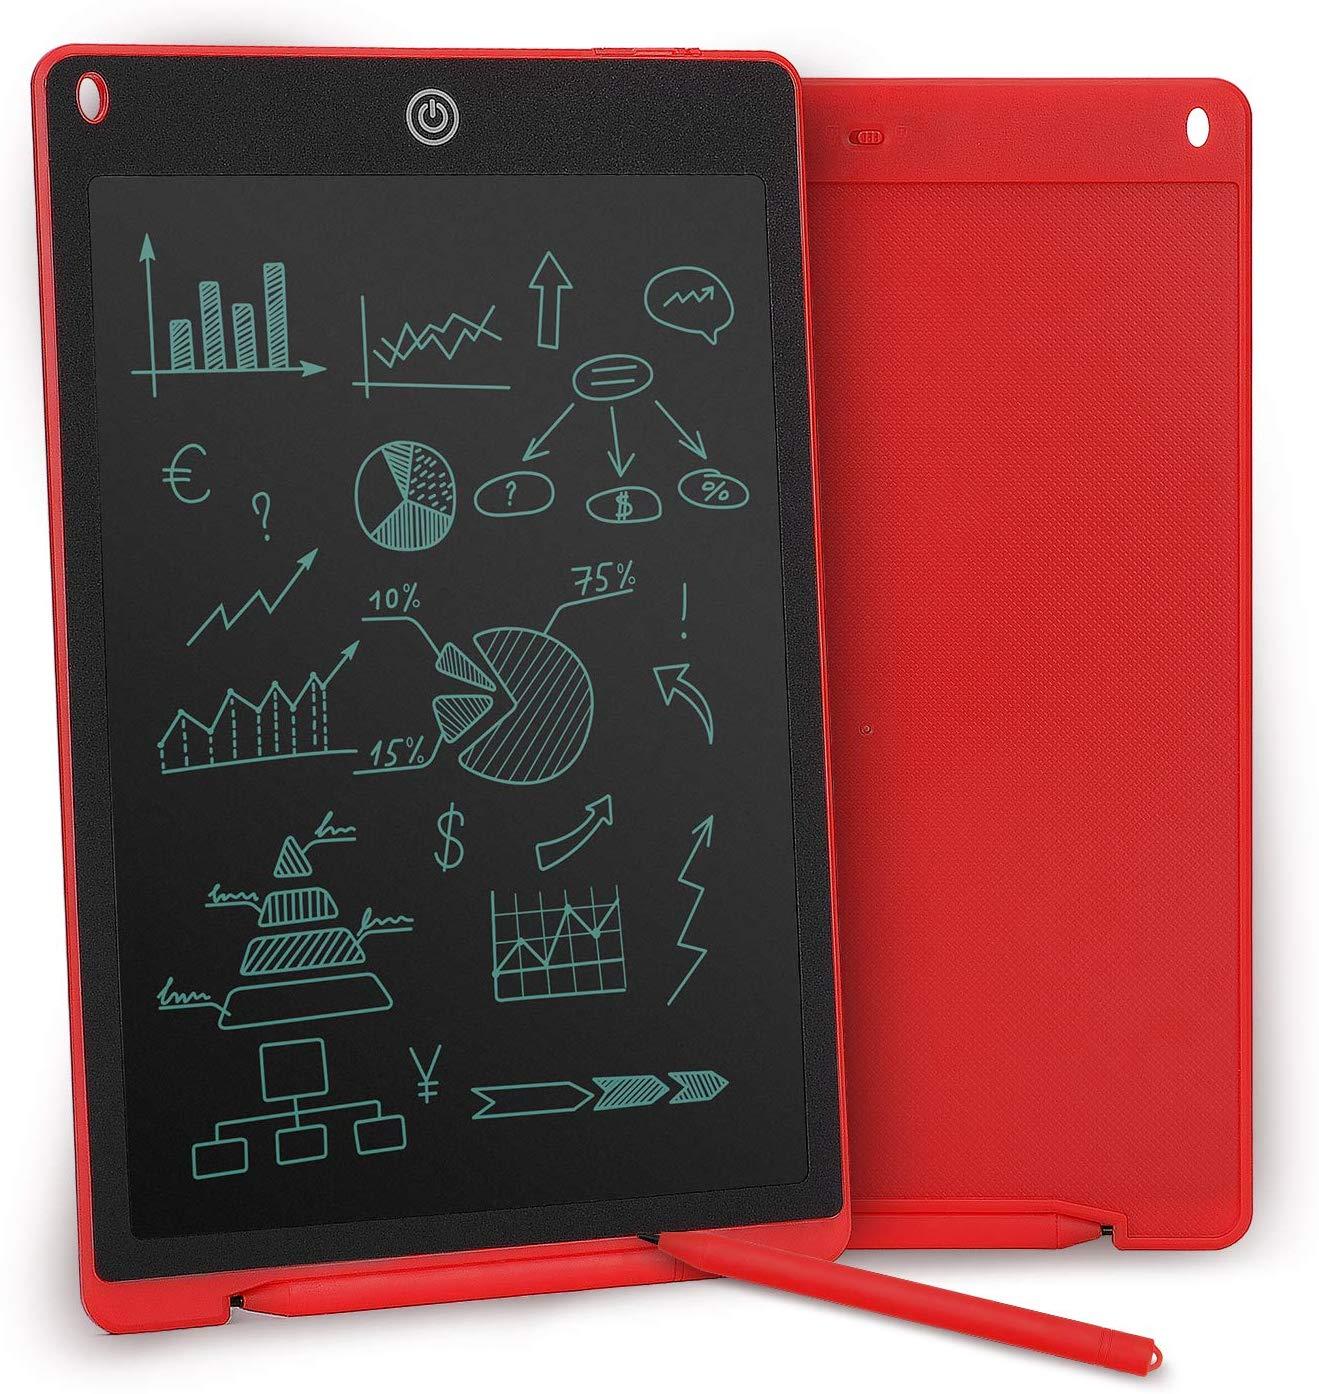 Tableta-de-escritura-Mafiti-ES-SXB01.jpg